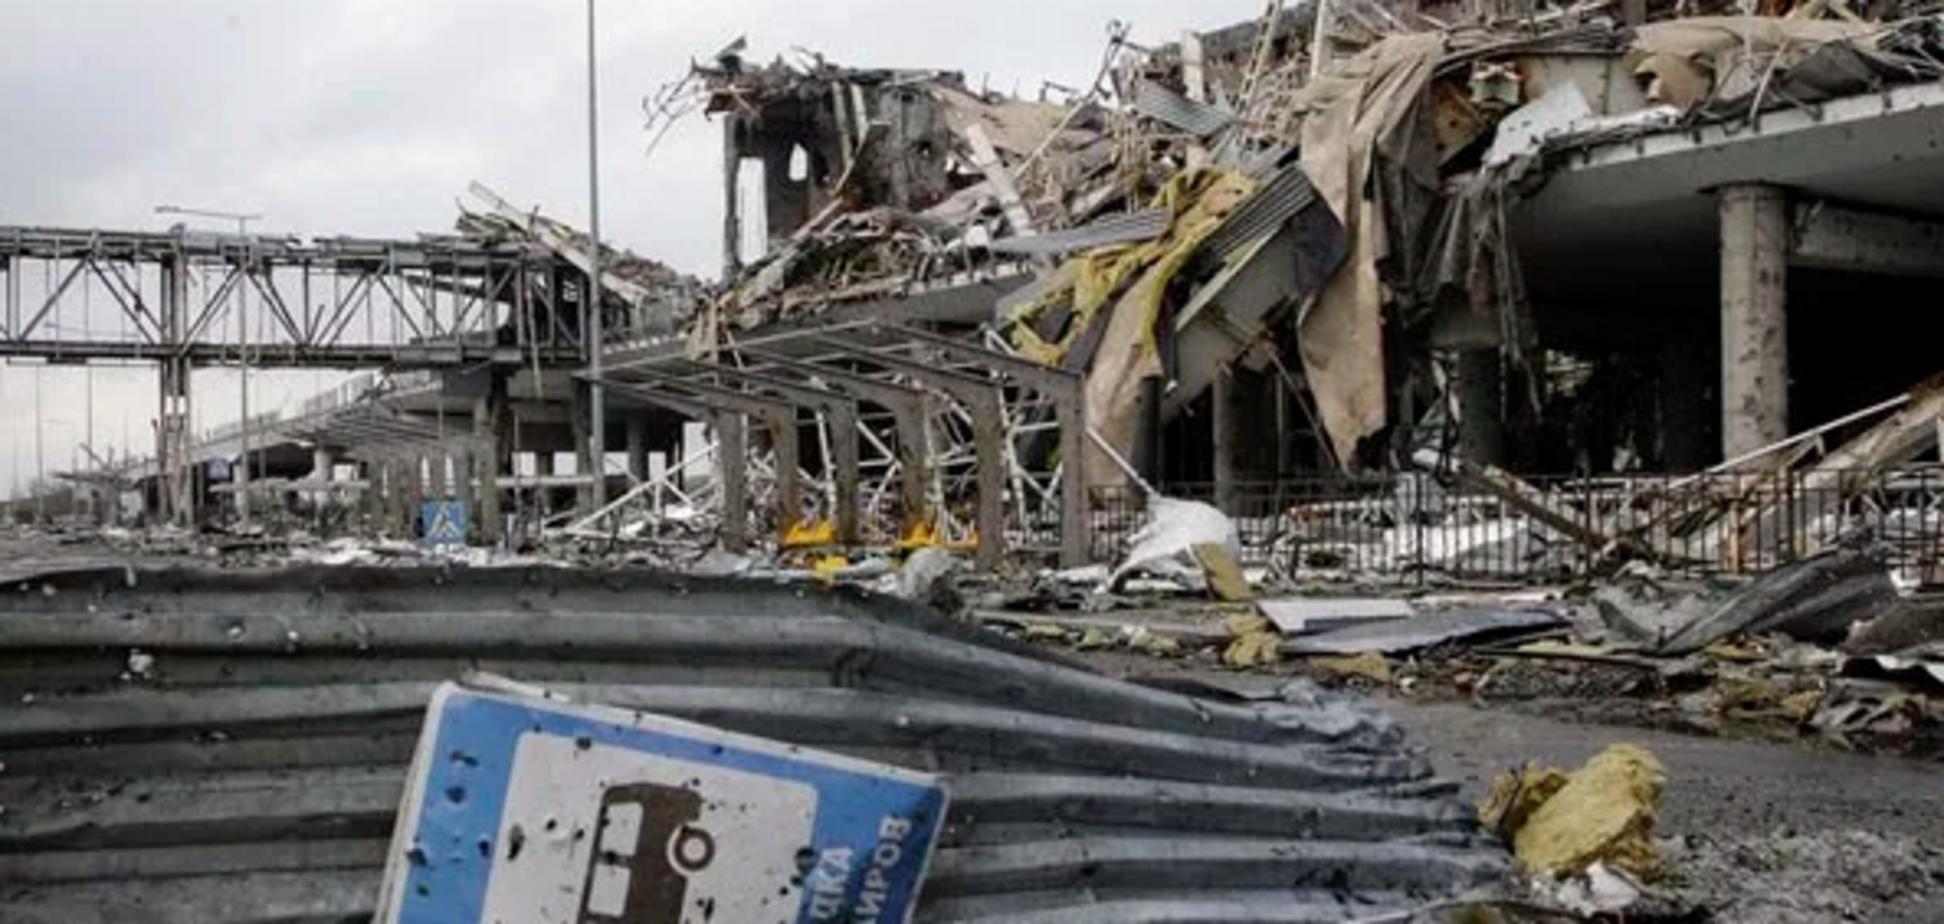 Четыре года назад: появилось знаковое фото Донецкого аэропорта